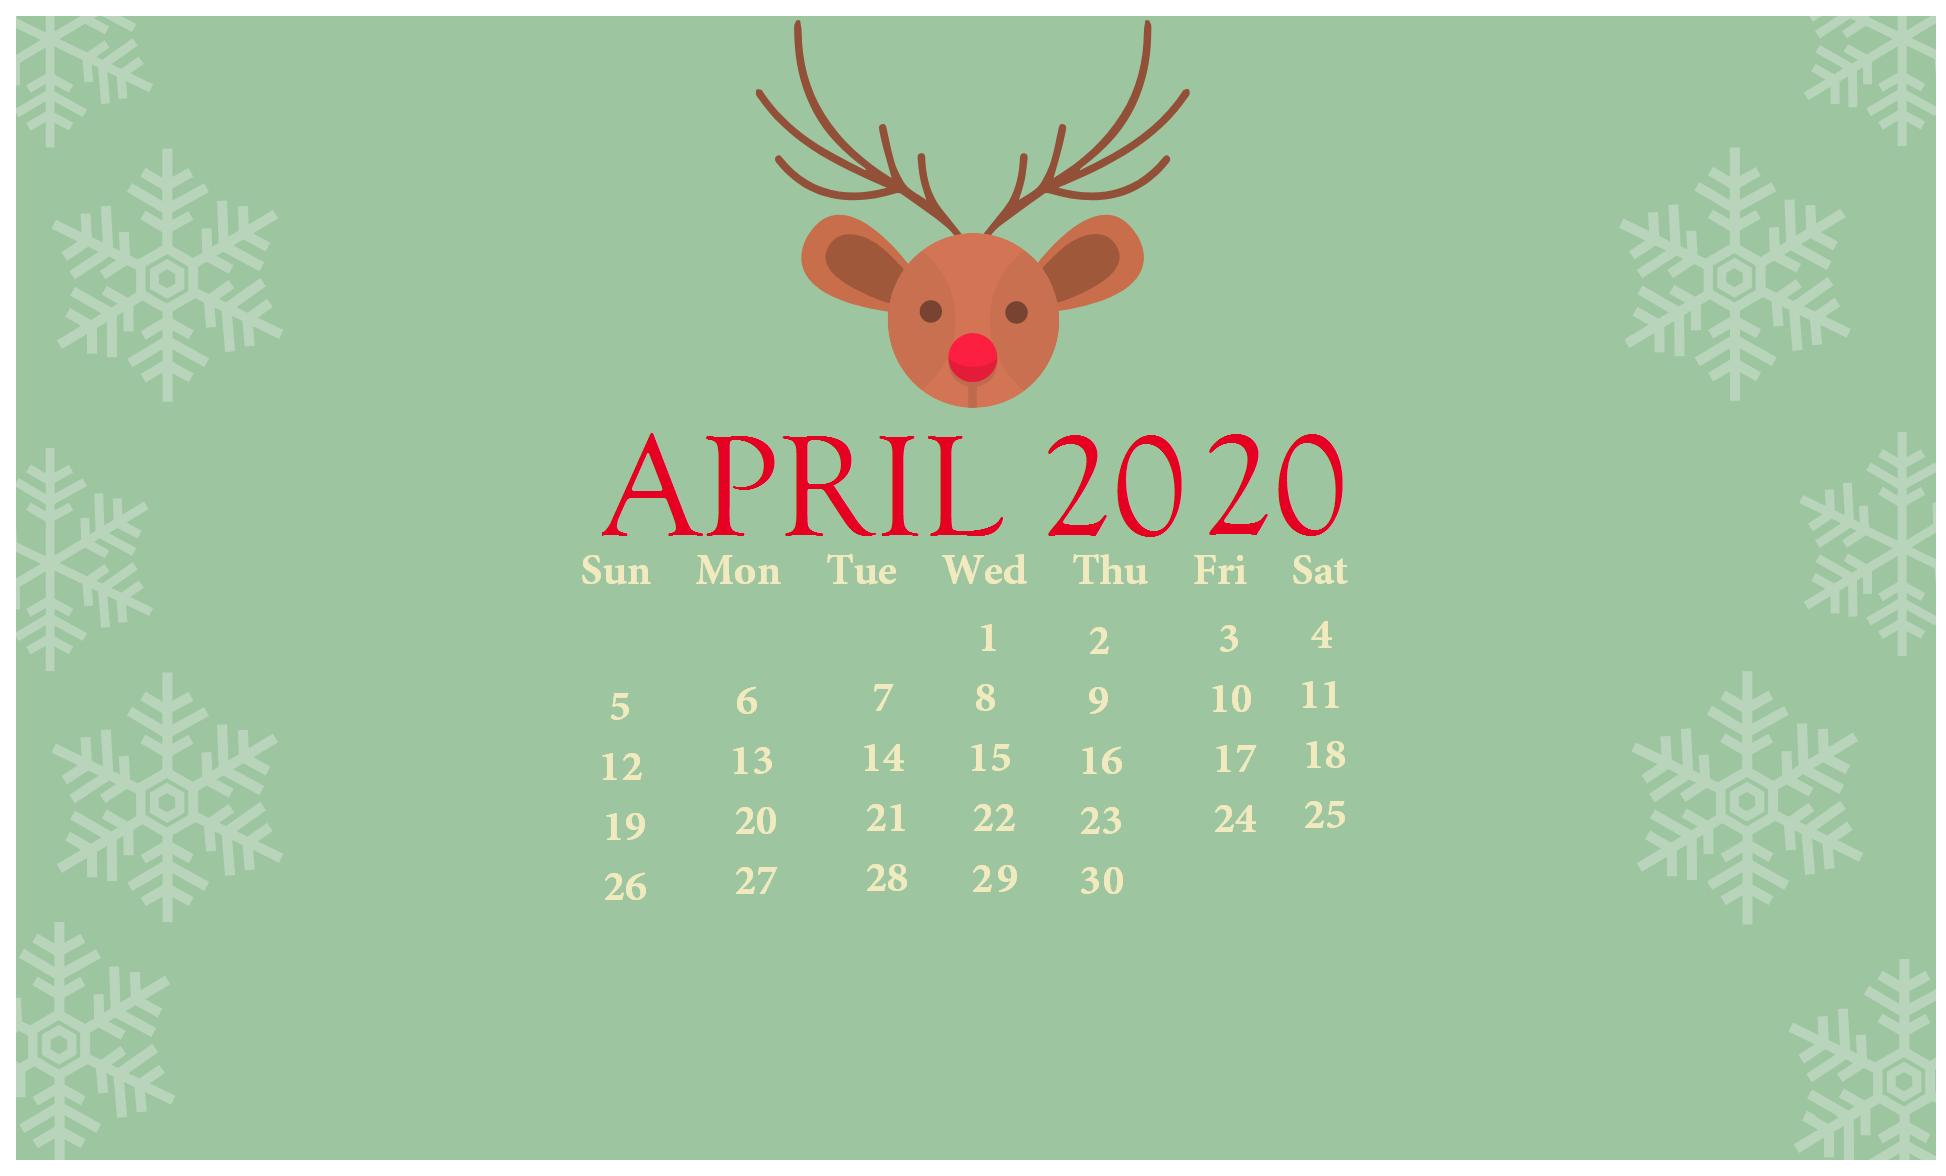 Cute April 2020 Calendar Printable Wallpapers Hd In 2020